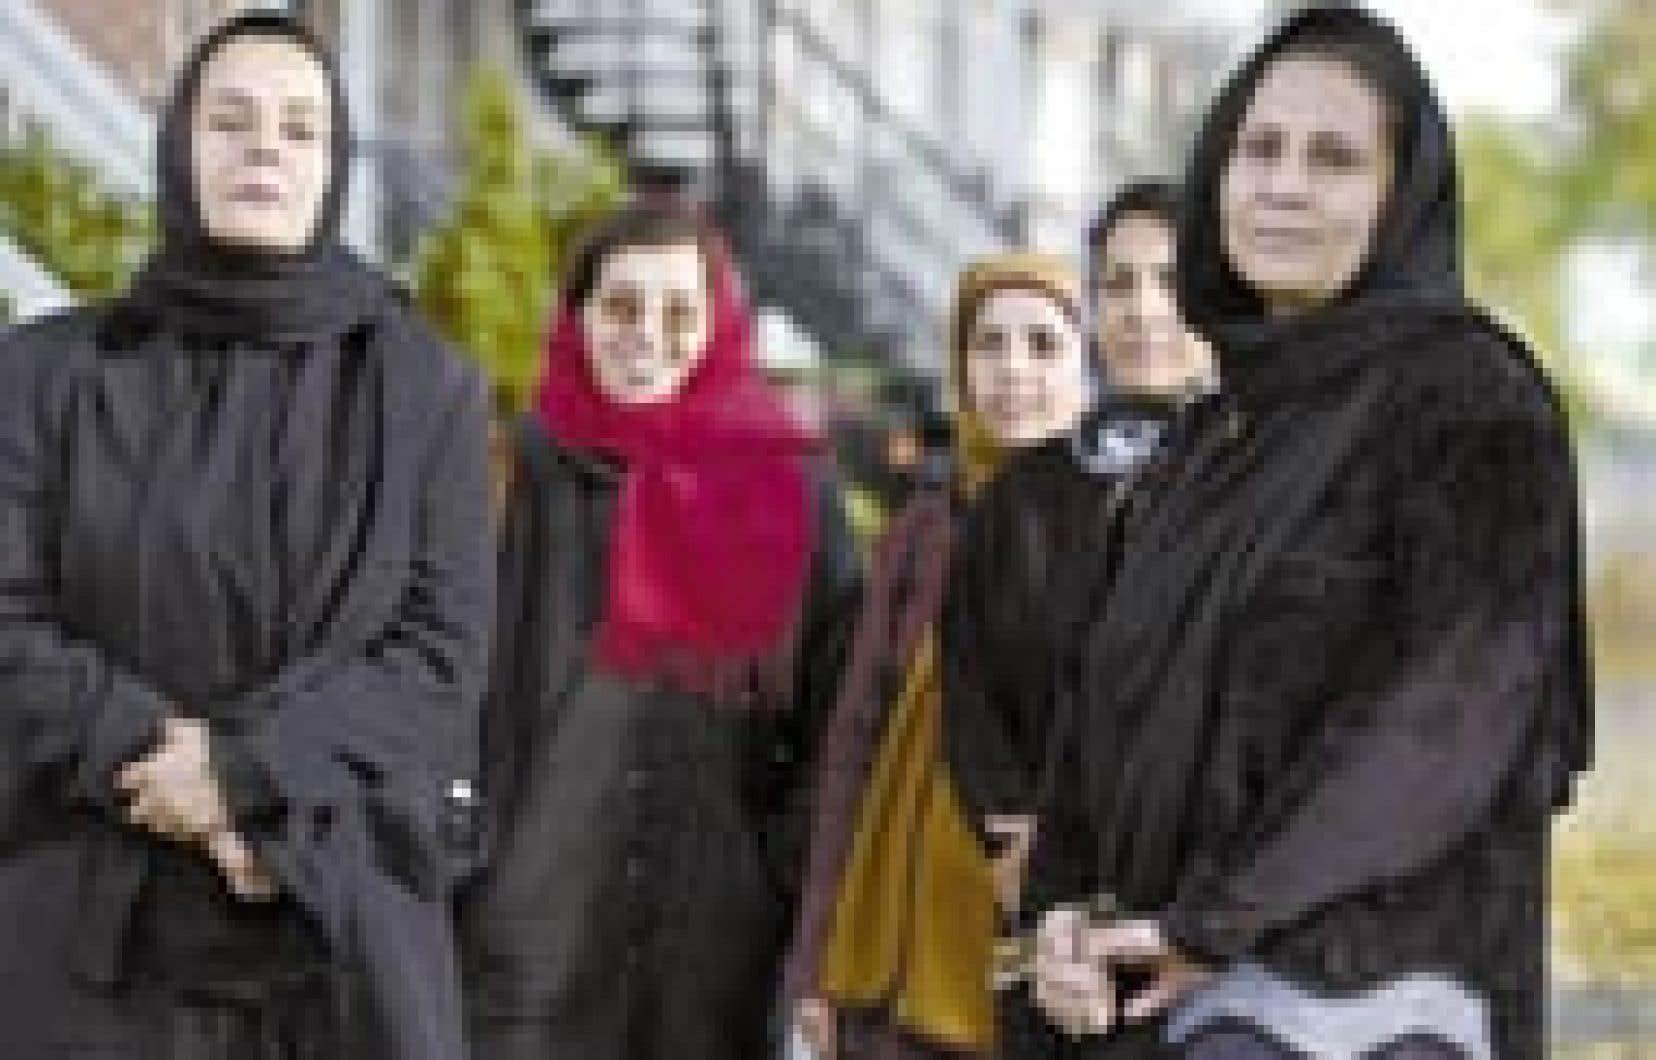 Un groupe de militantes afghanes est à Montréal pour faire état de l'absence des femmes dans le processus de reconstruction de l'Afghanistan. «On se bat sans kalachnikovs, alors on ne nous écoute pas», dit l'une d'elles.